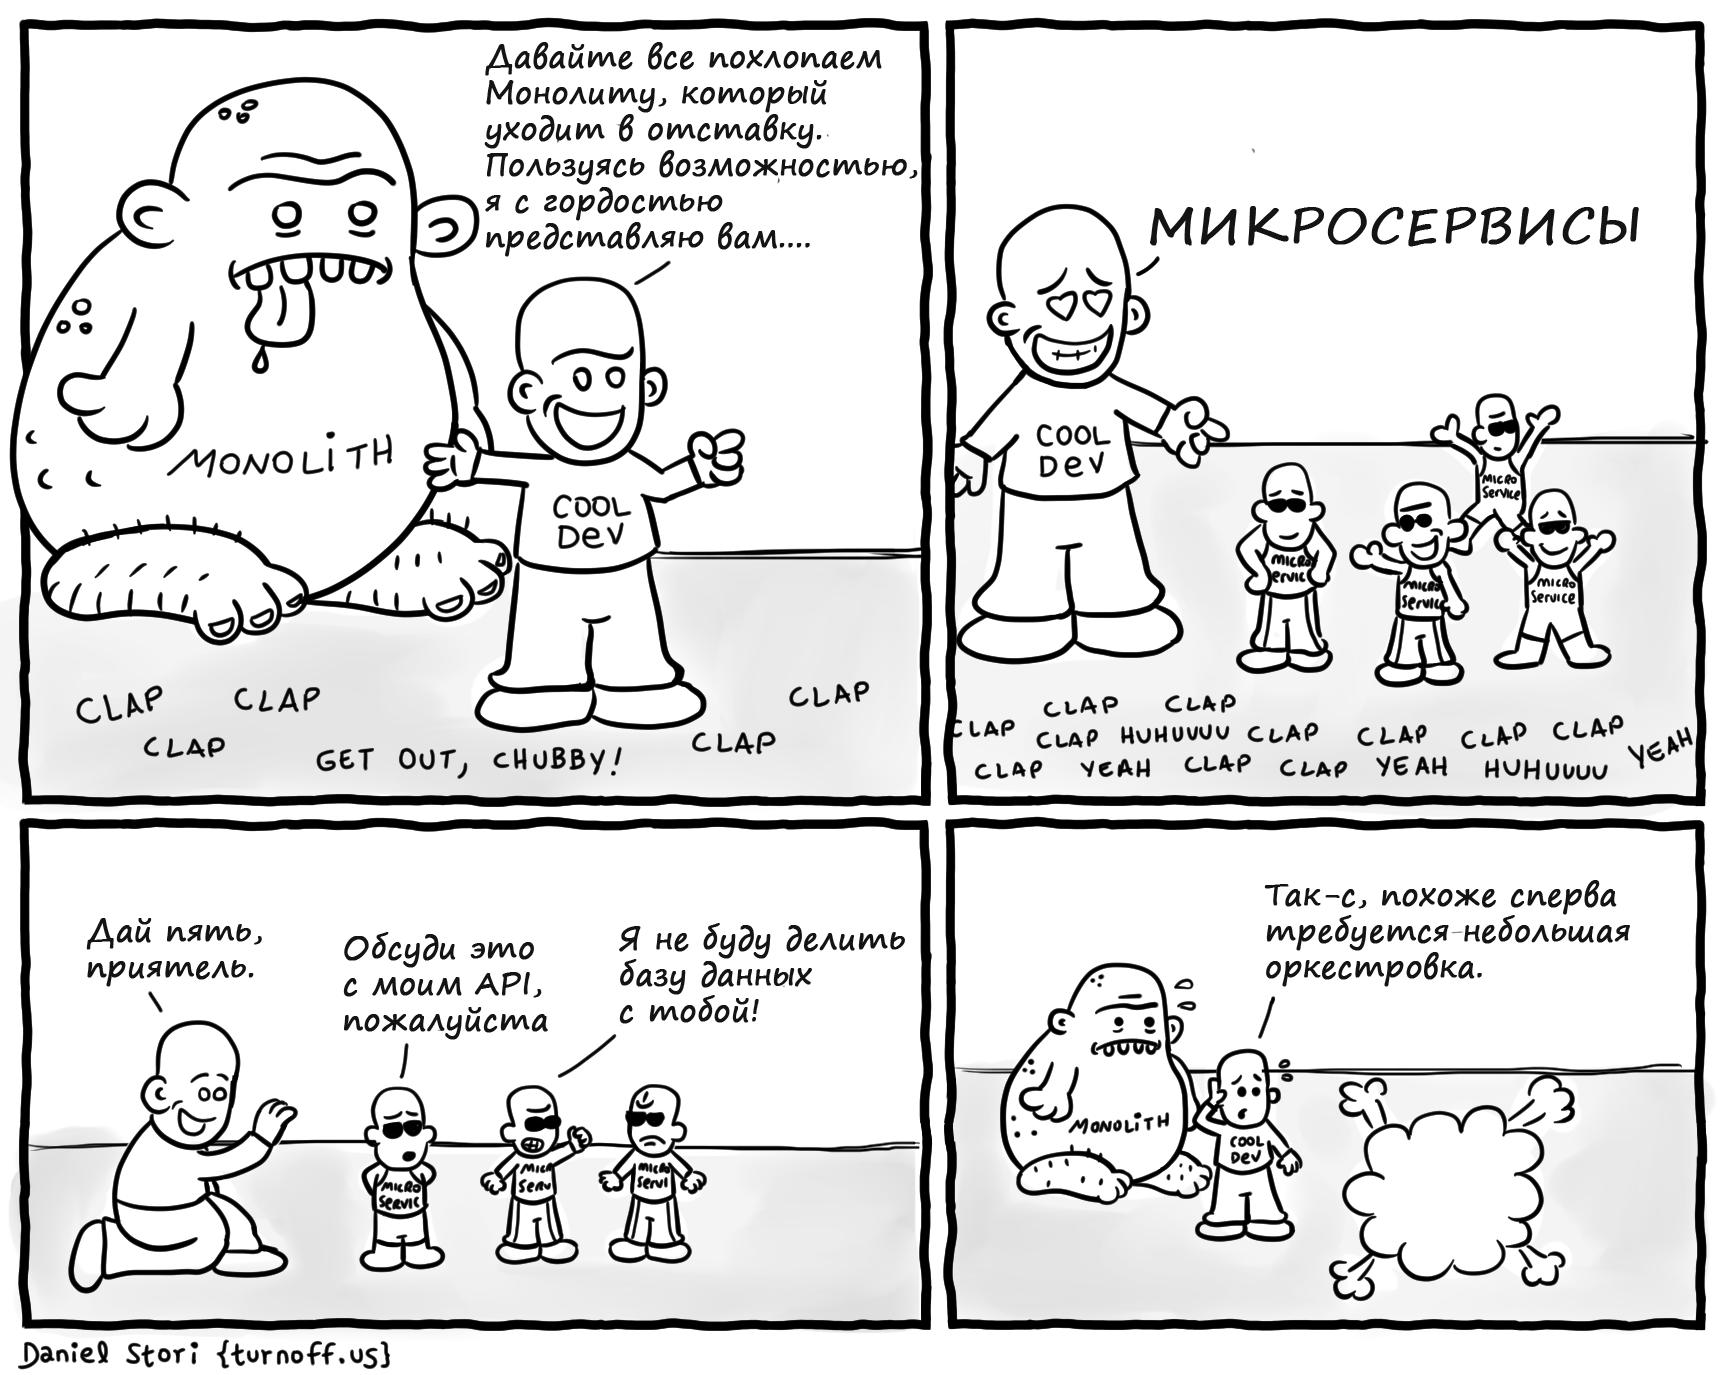 Комиксы Даниэля Стори (часть 2) - 10